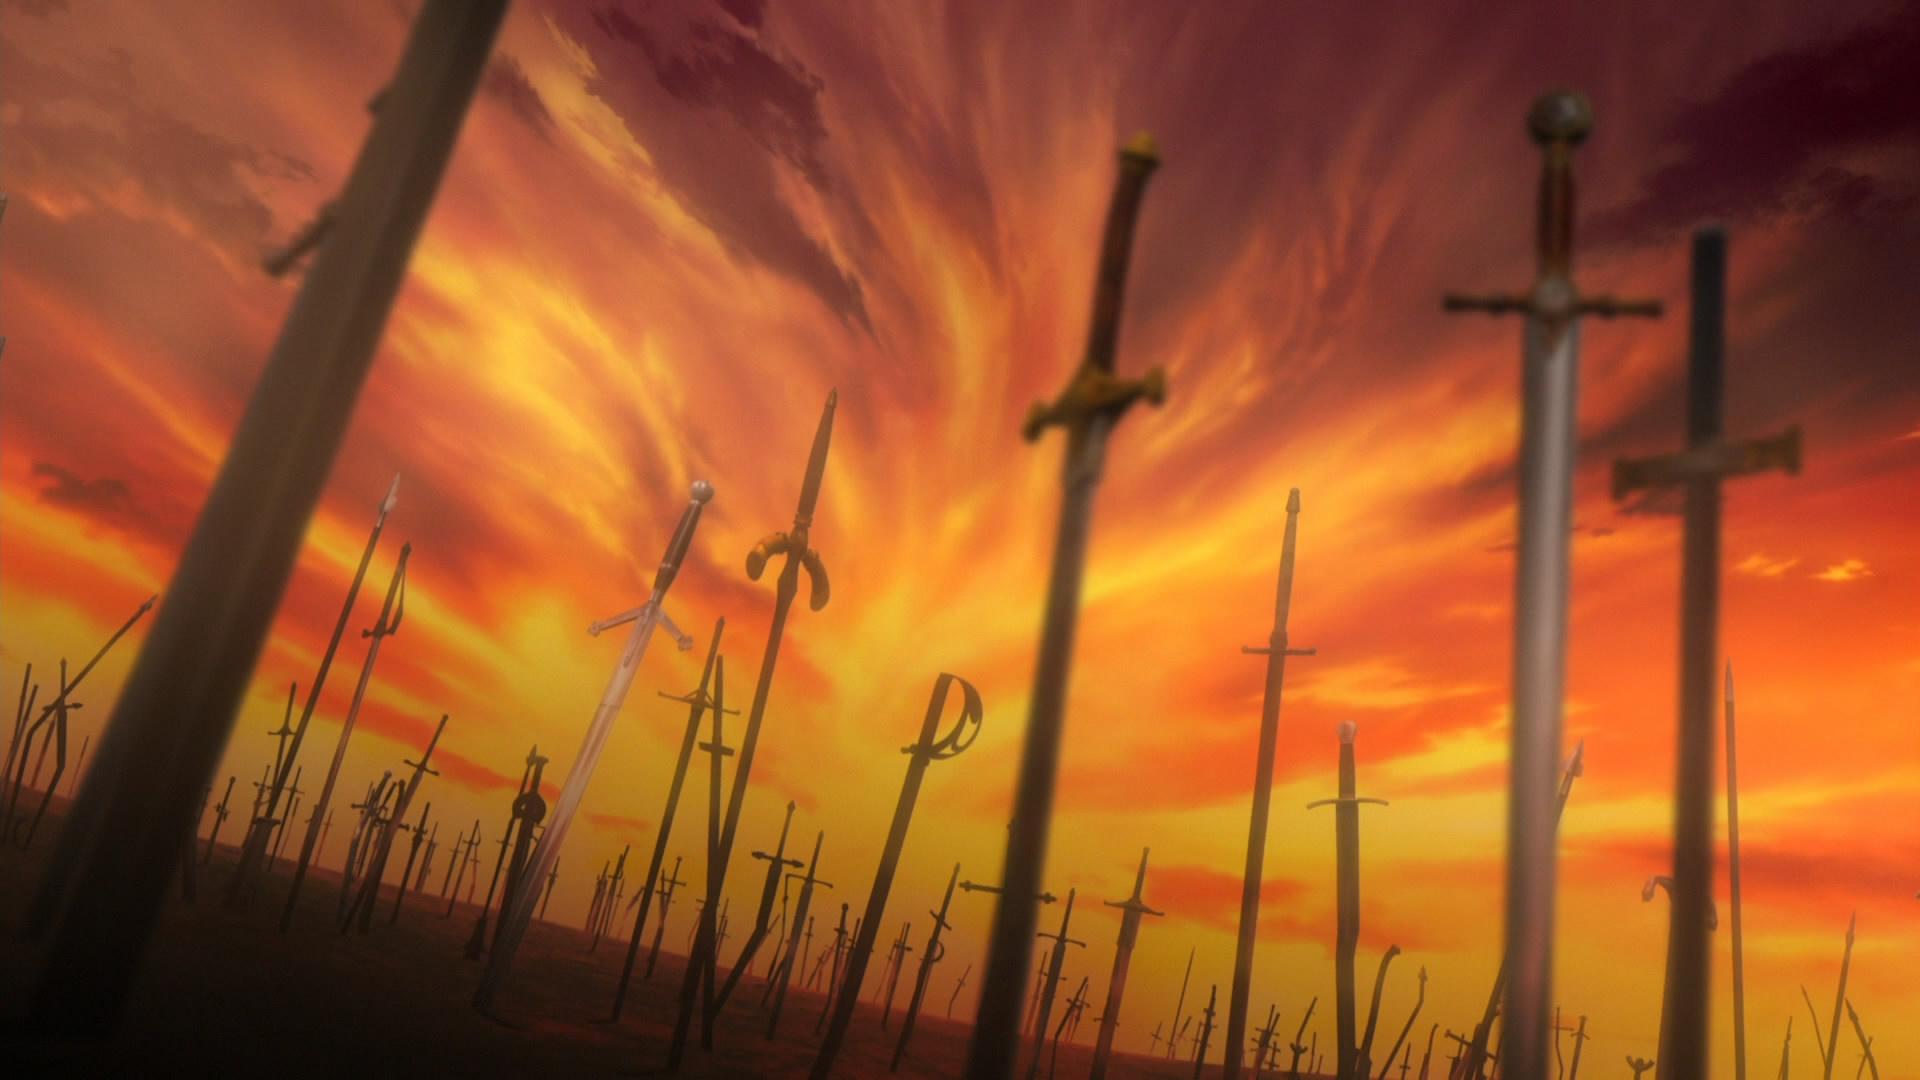 удаляем картинки мечи воткнутые в землю зажигаем светодиод